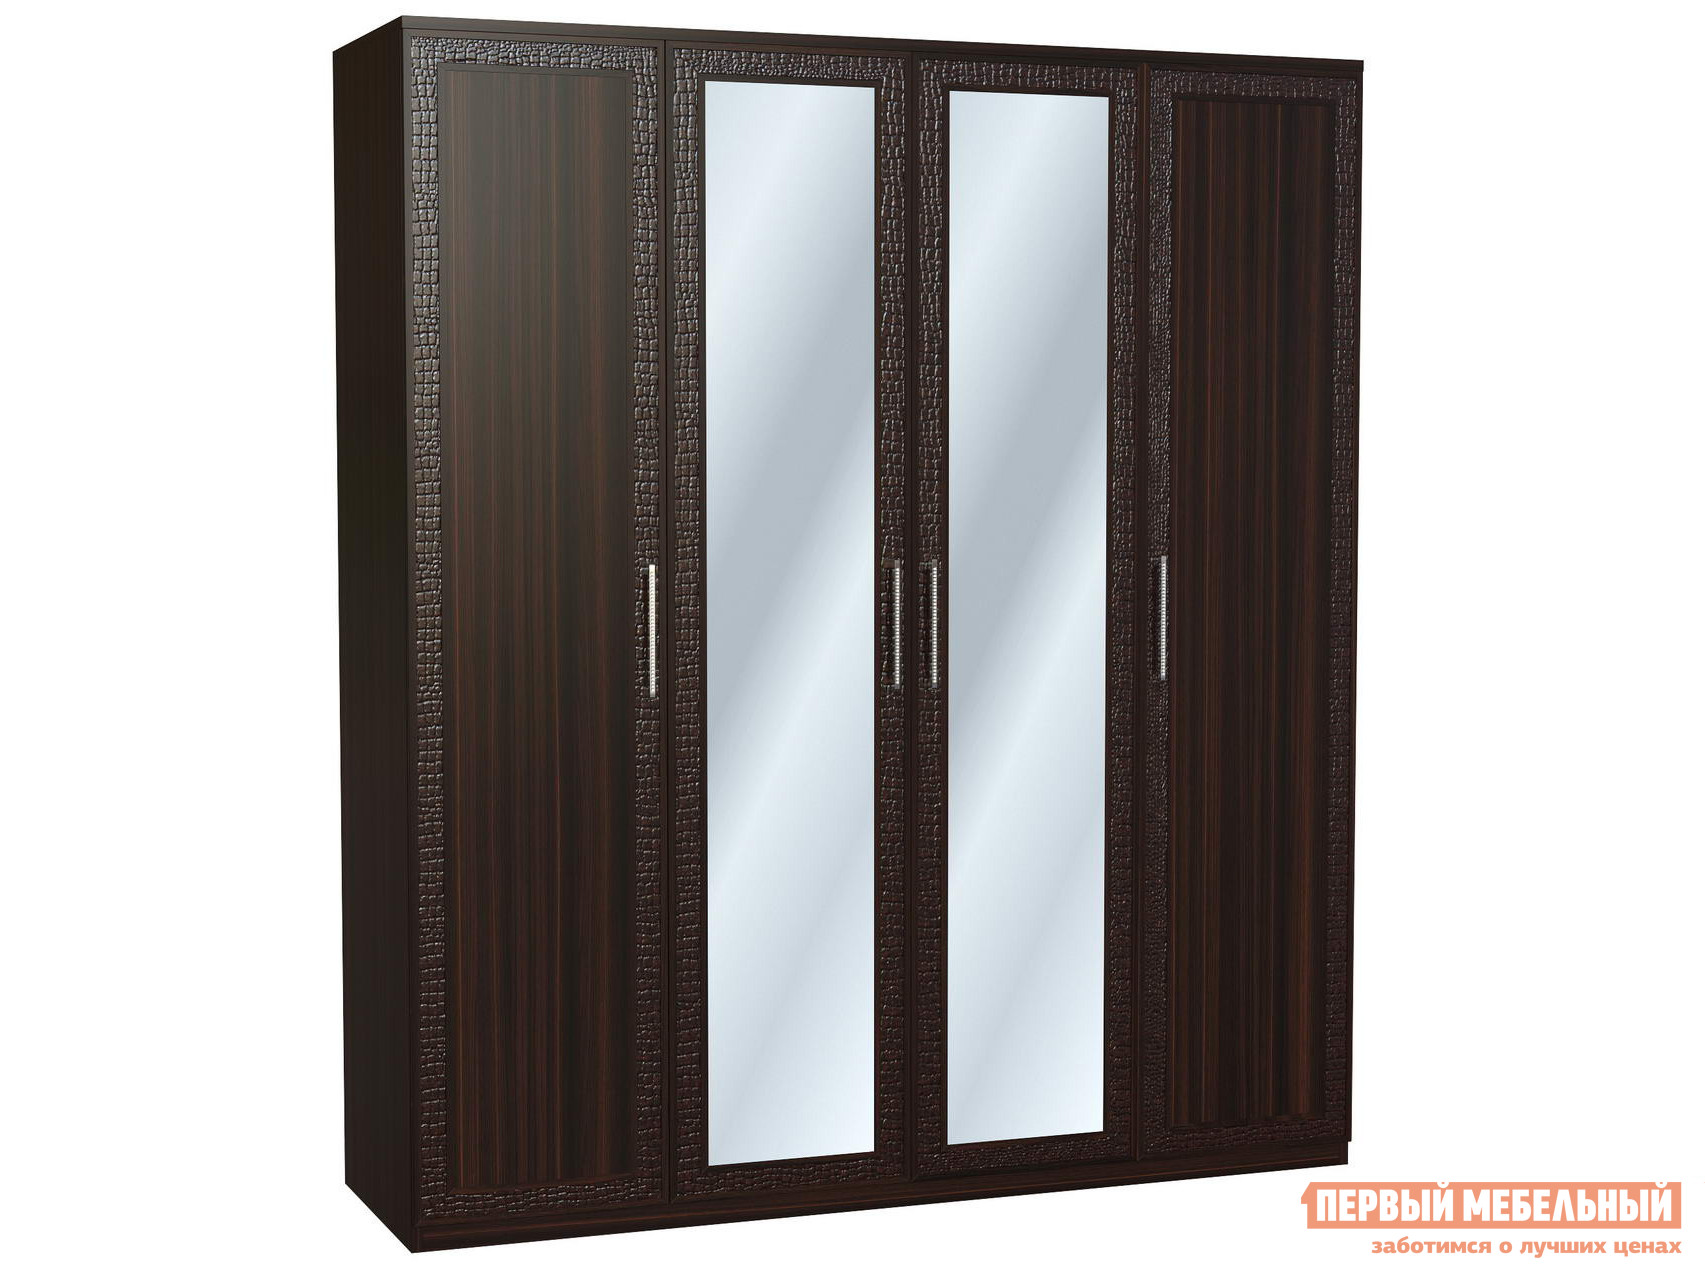 Шкаф четырехдверный распашной с зеркалом Первый Мебельный Тоскана Ш4 распашной шкаф первый мебельный тоскана 4